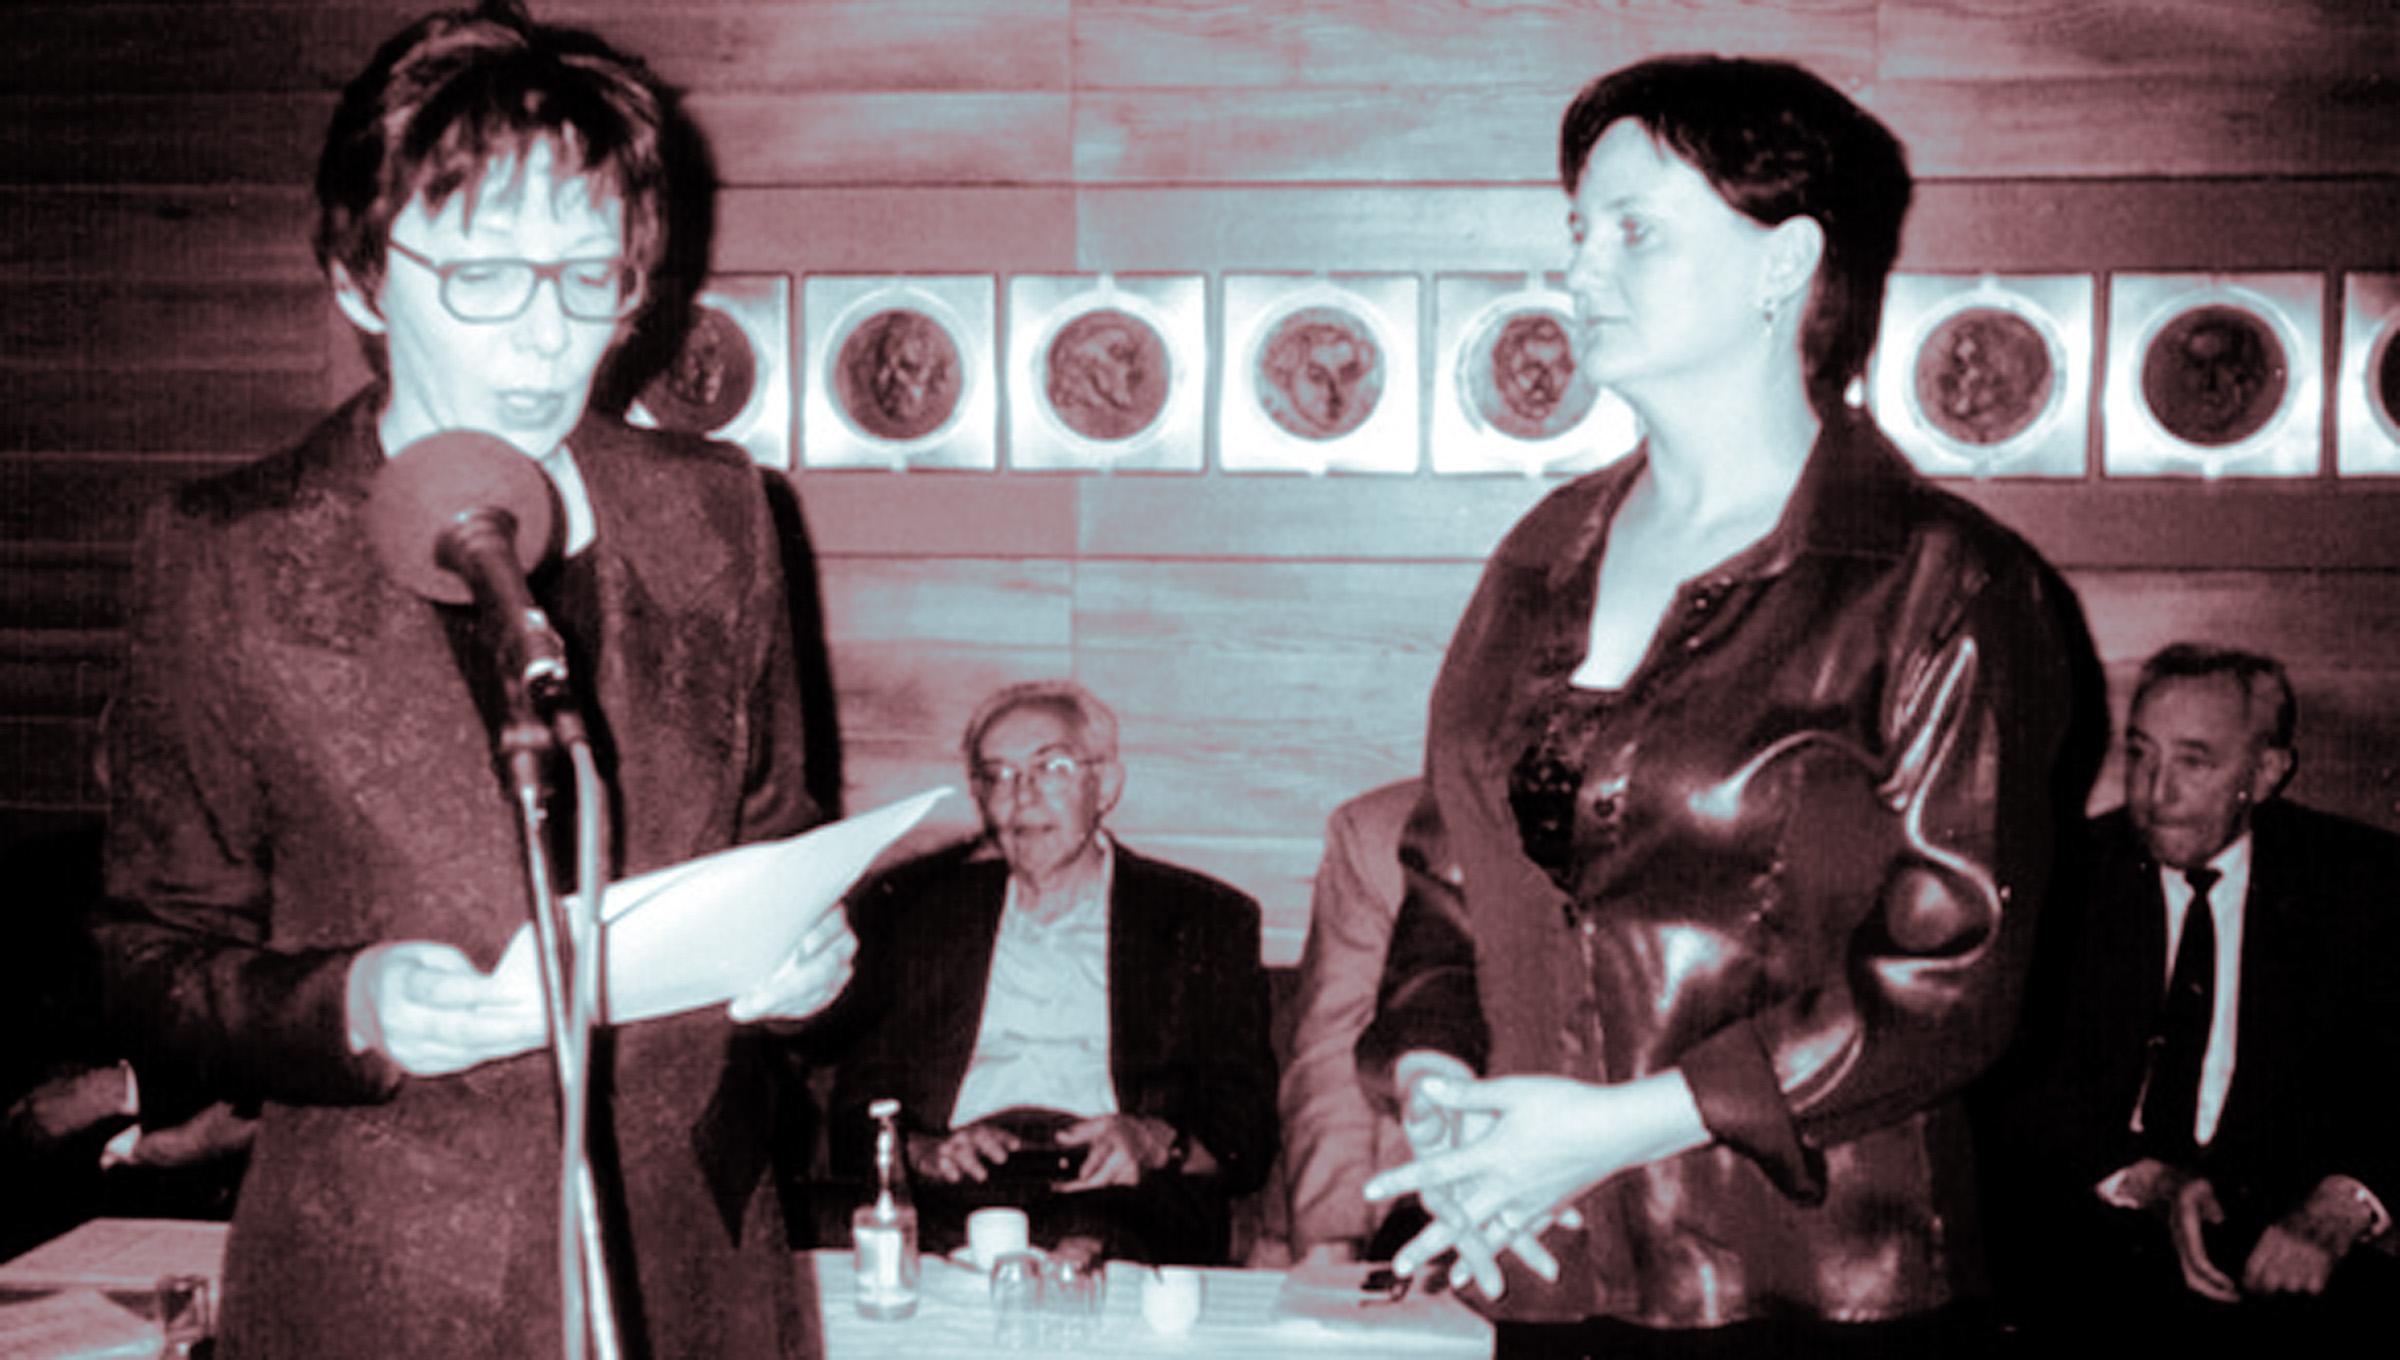 Madách-díjat kapott 2002-ben Magház című verseskötetéért M. Csepécz Szlivia. A laudációt Haraszti Mária mondta a Szlovák Írószövetség klubjában.